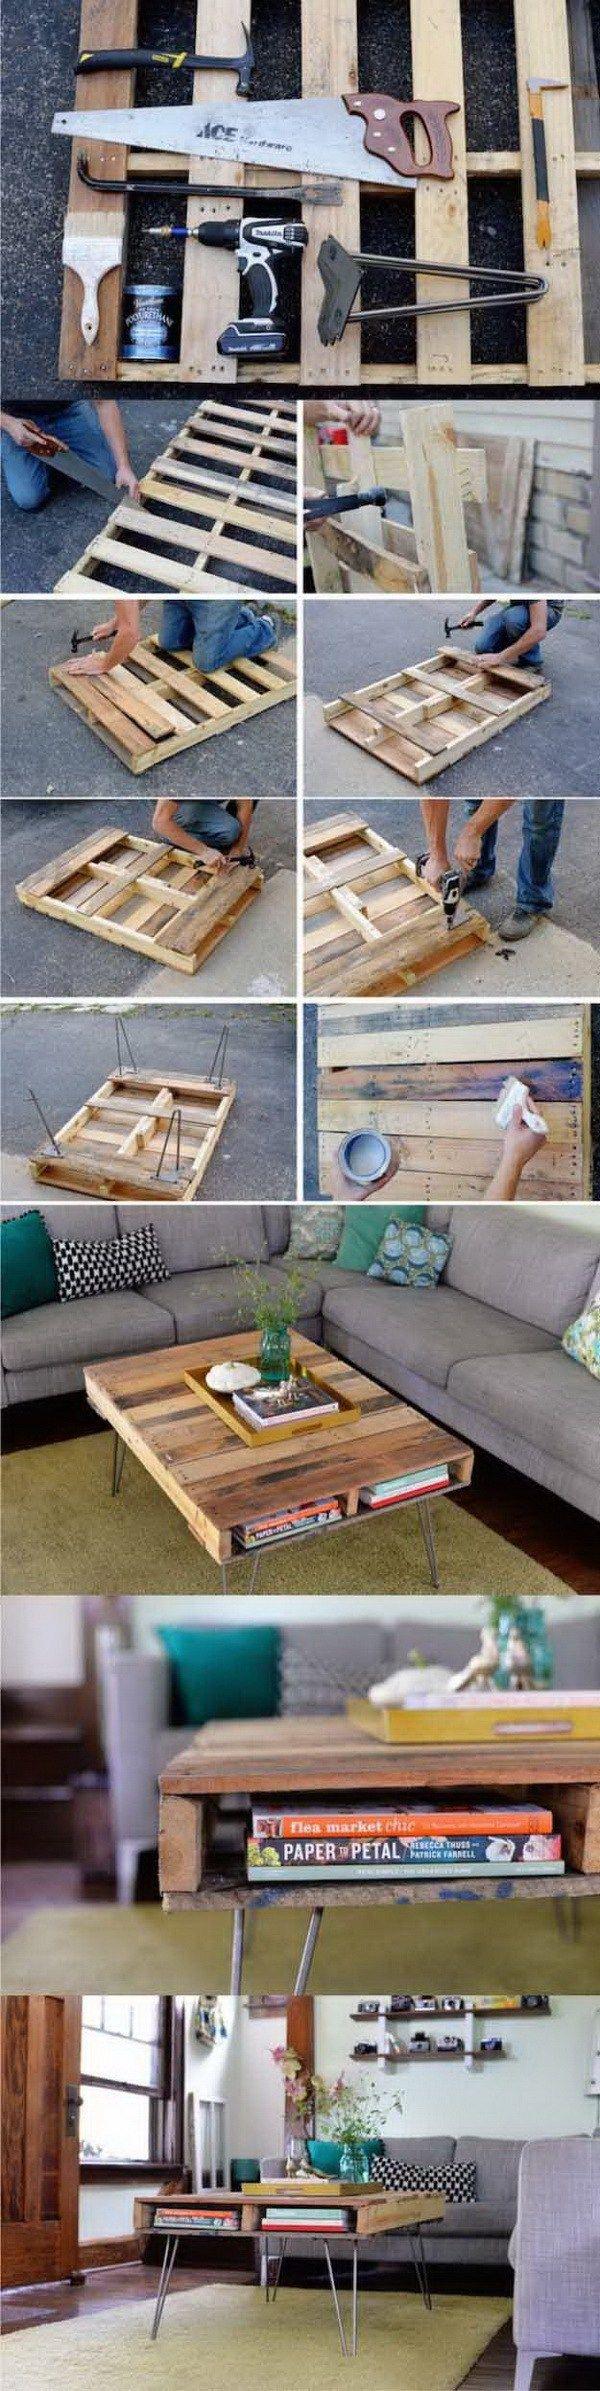 51 do it yourself m bel hacks zum nachmachen pinterest m bel aus paletten diy m bel und m bel. Black Bedroom Furniture Sets. Home Design Ideas